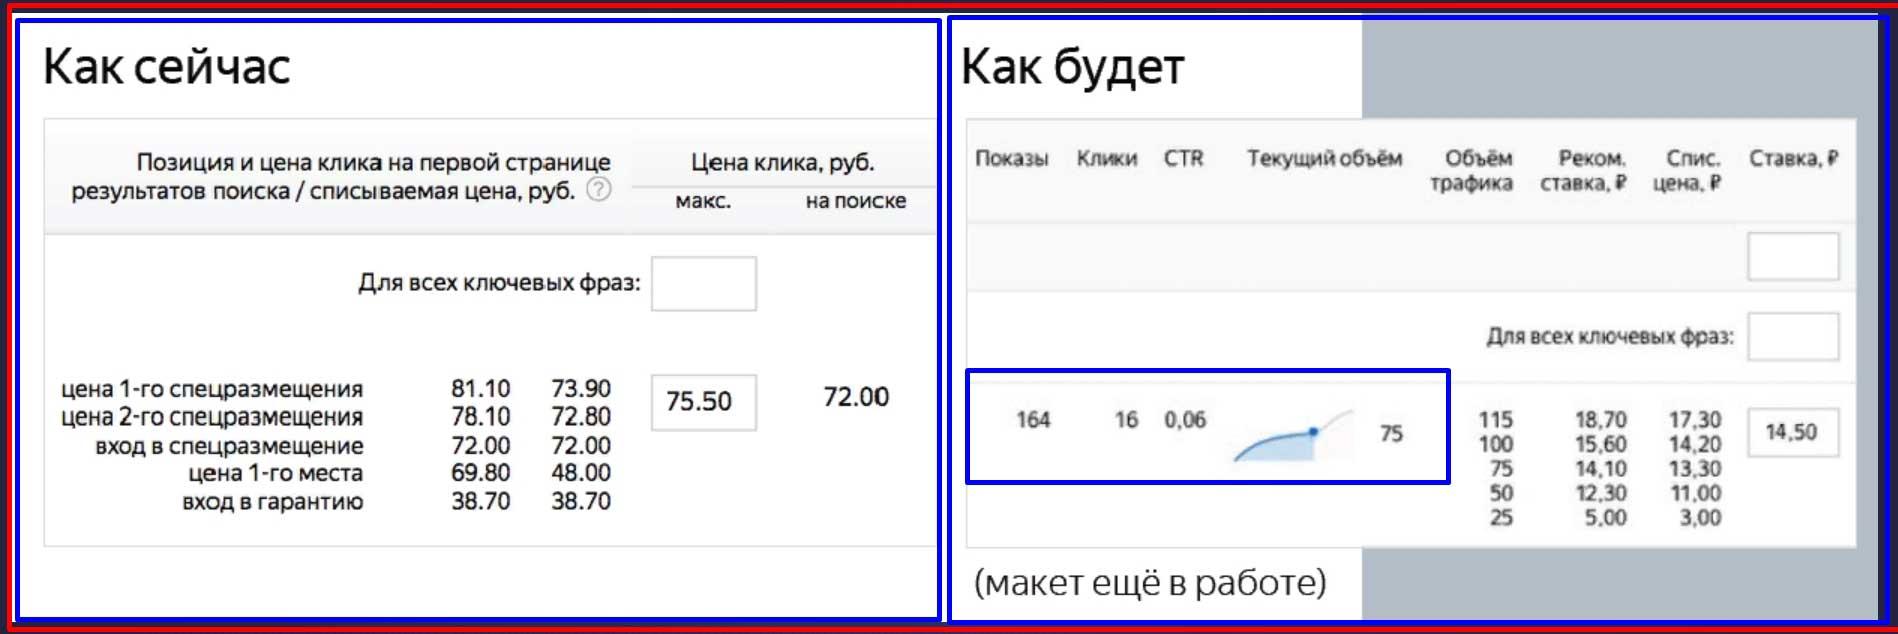 Яндекс показал новый интерфейс назначения ставок в директе.